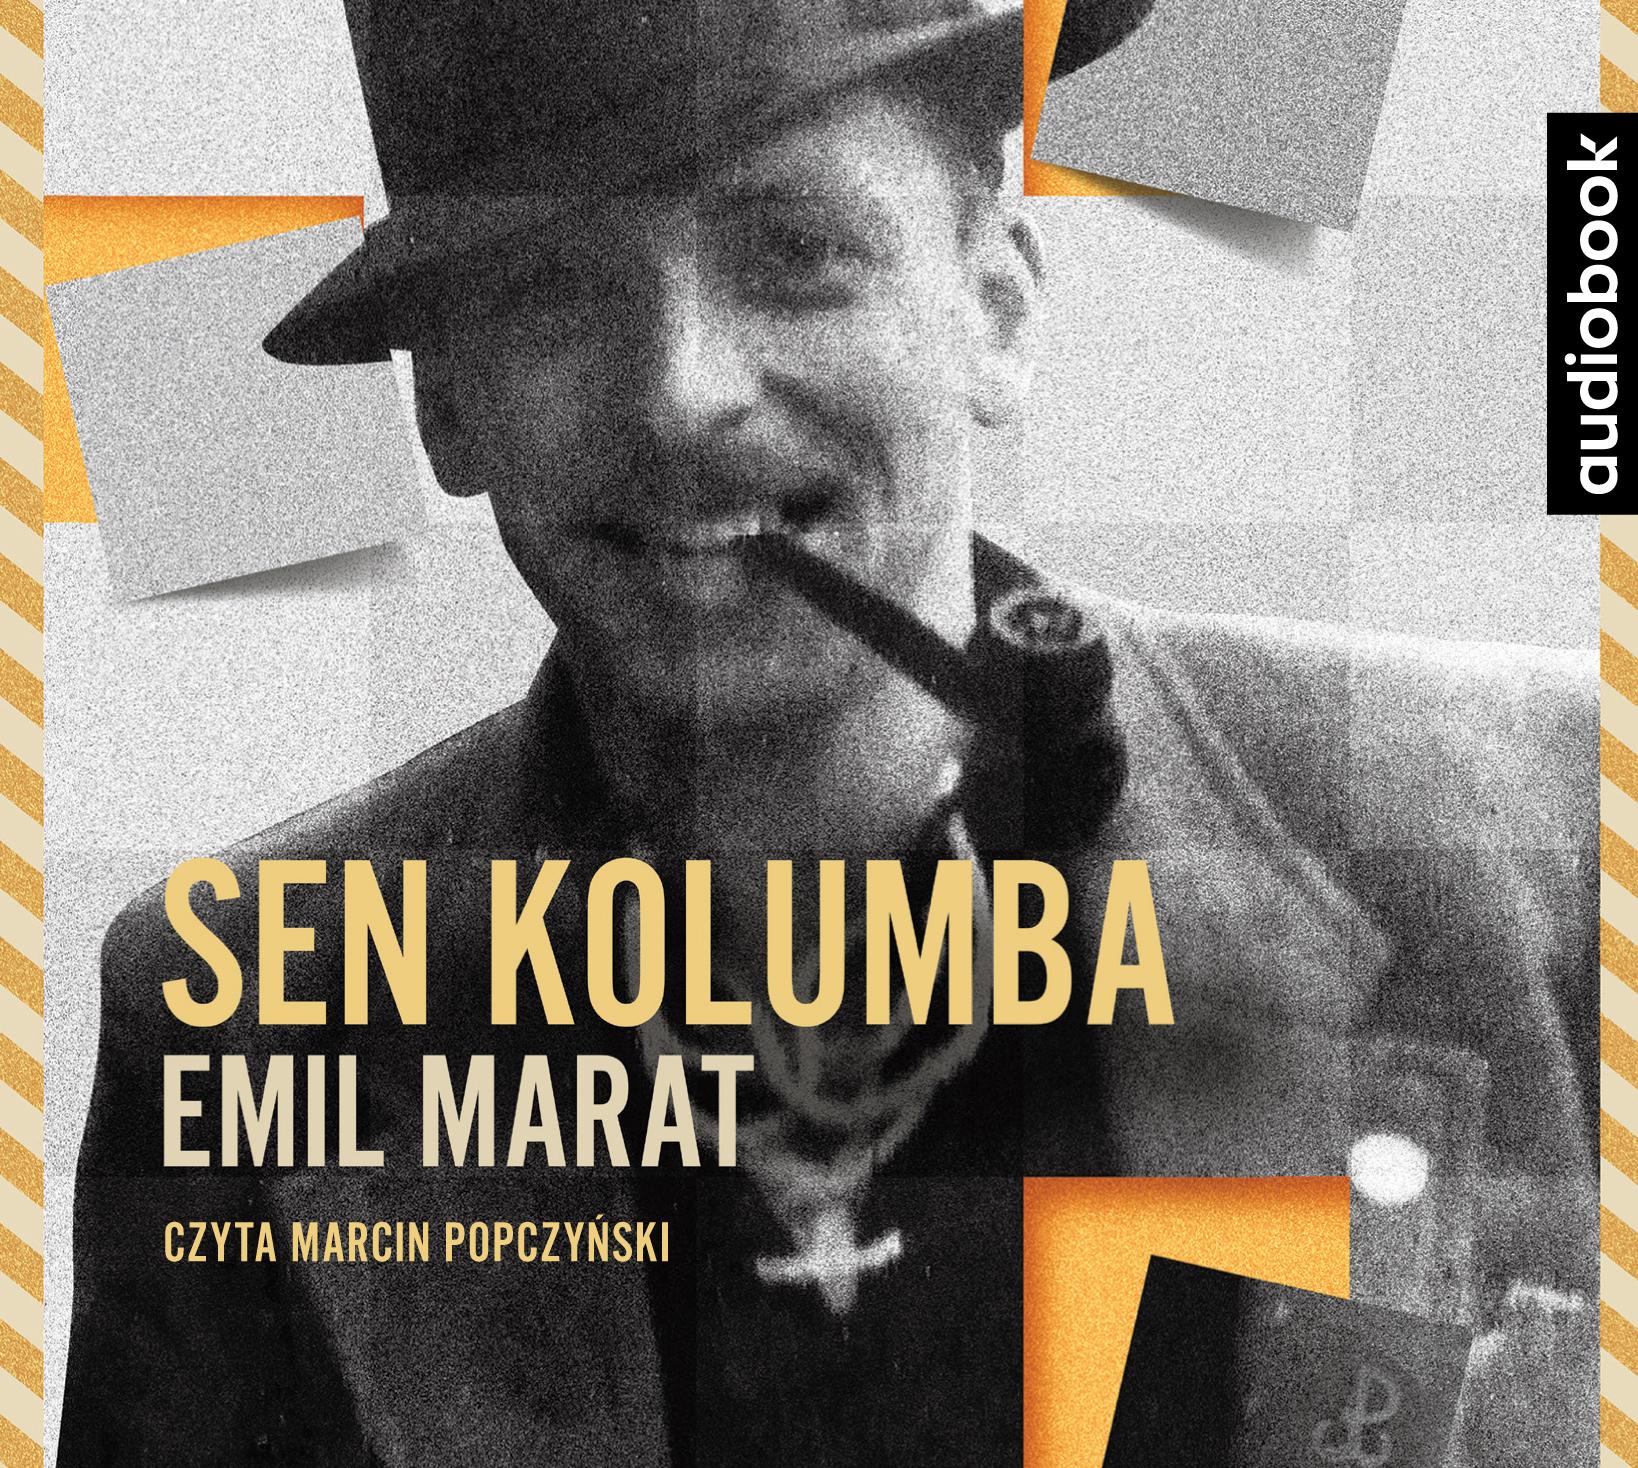 MARAT EMIL – SEN KOLUMBA